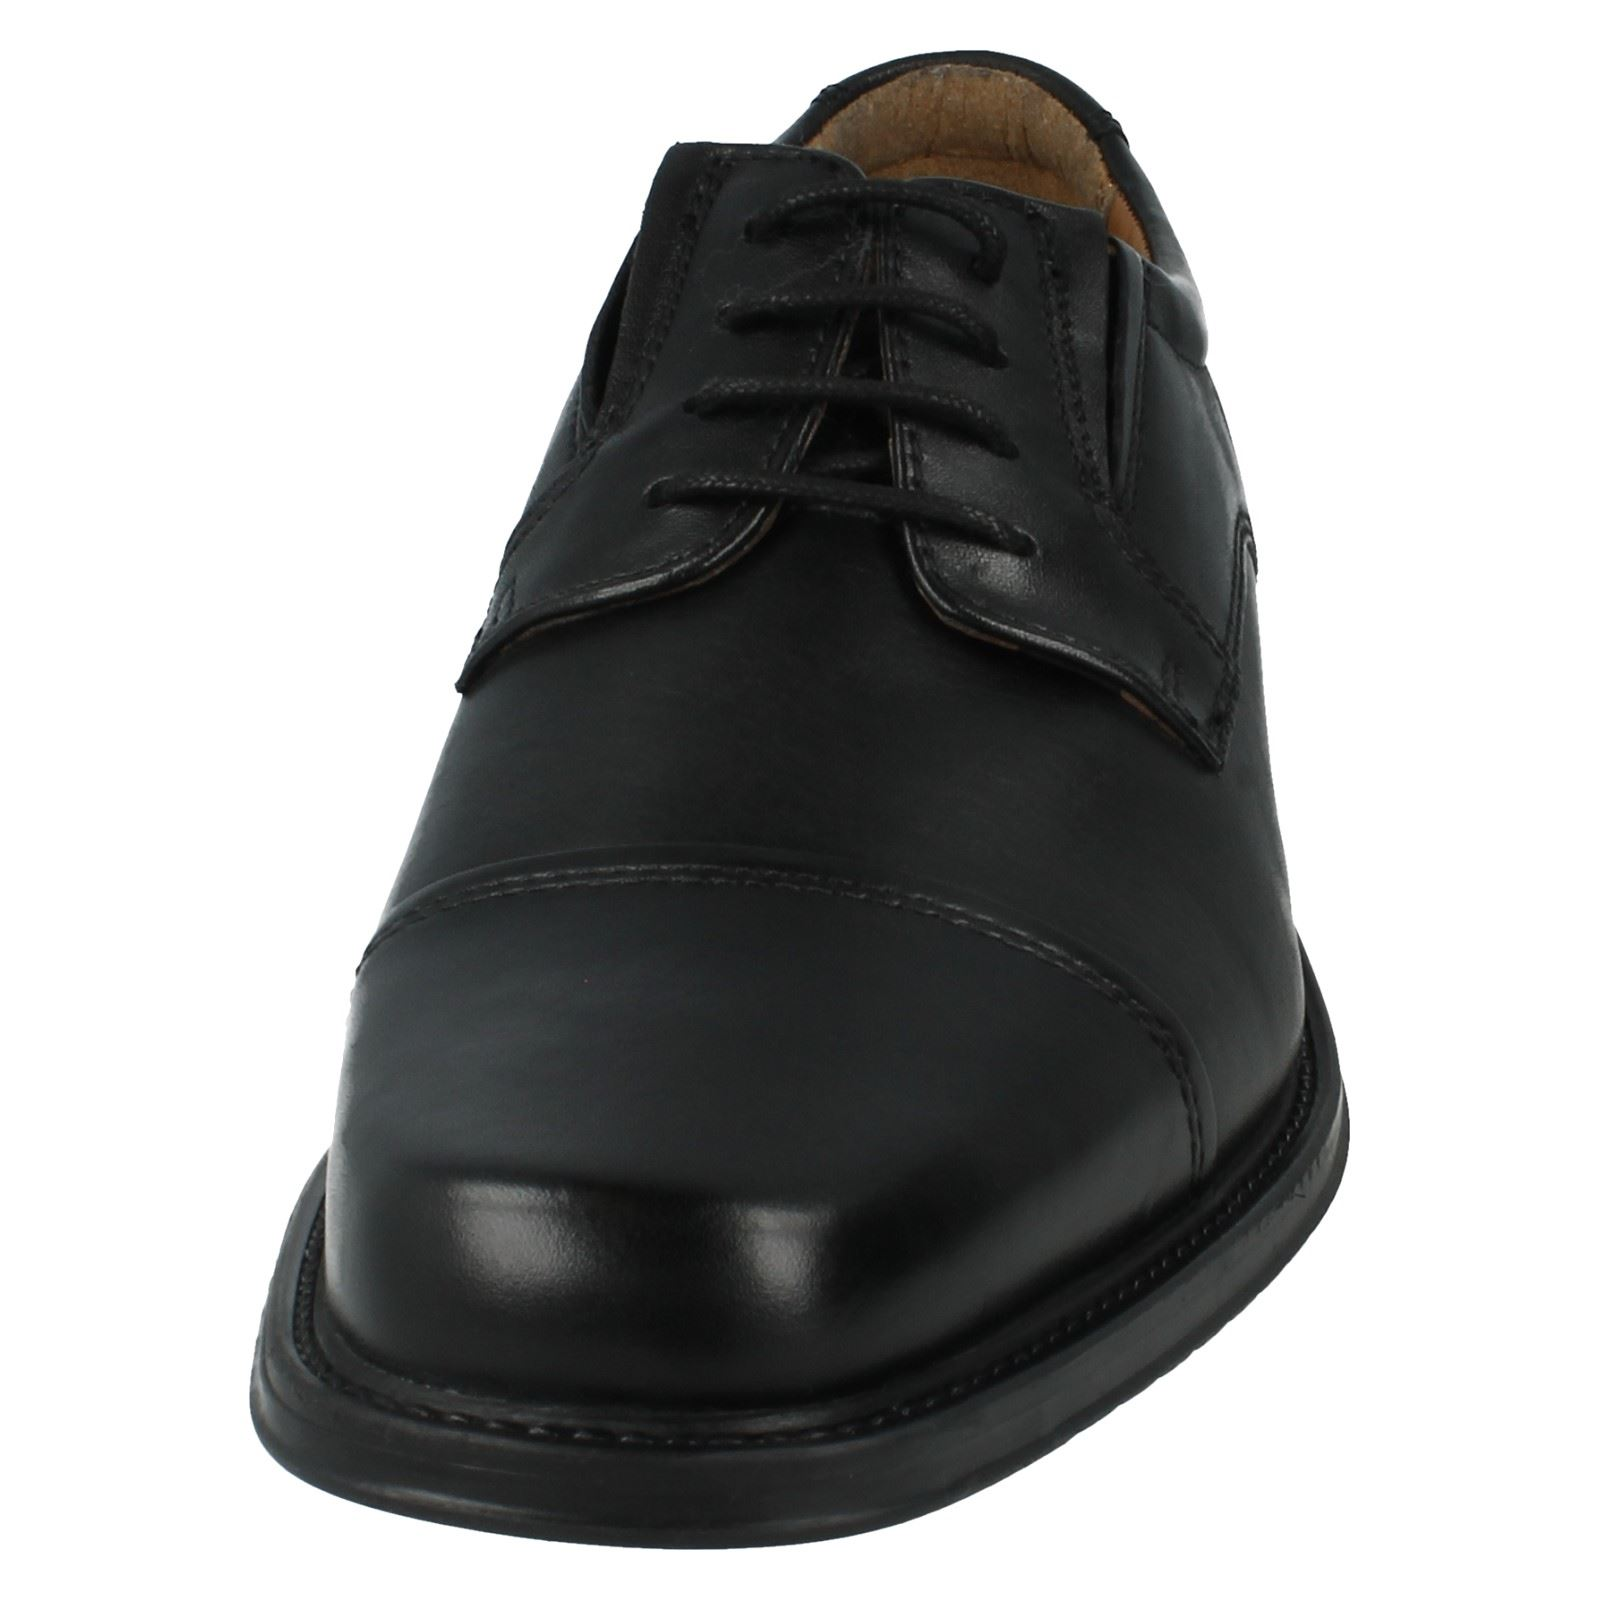 Up Black Clarks Shoes Driggs Formal Men's Cap Style Lace Ot8acwq